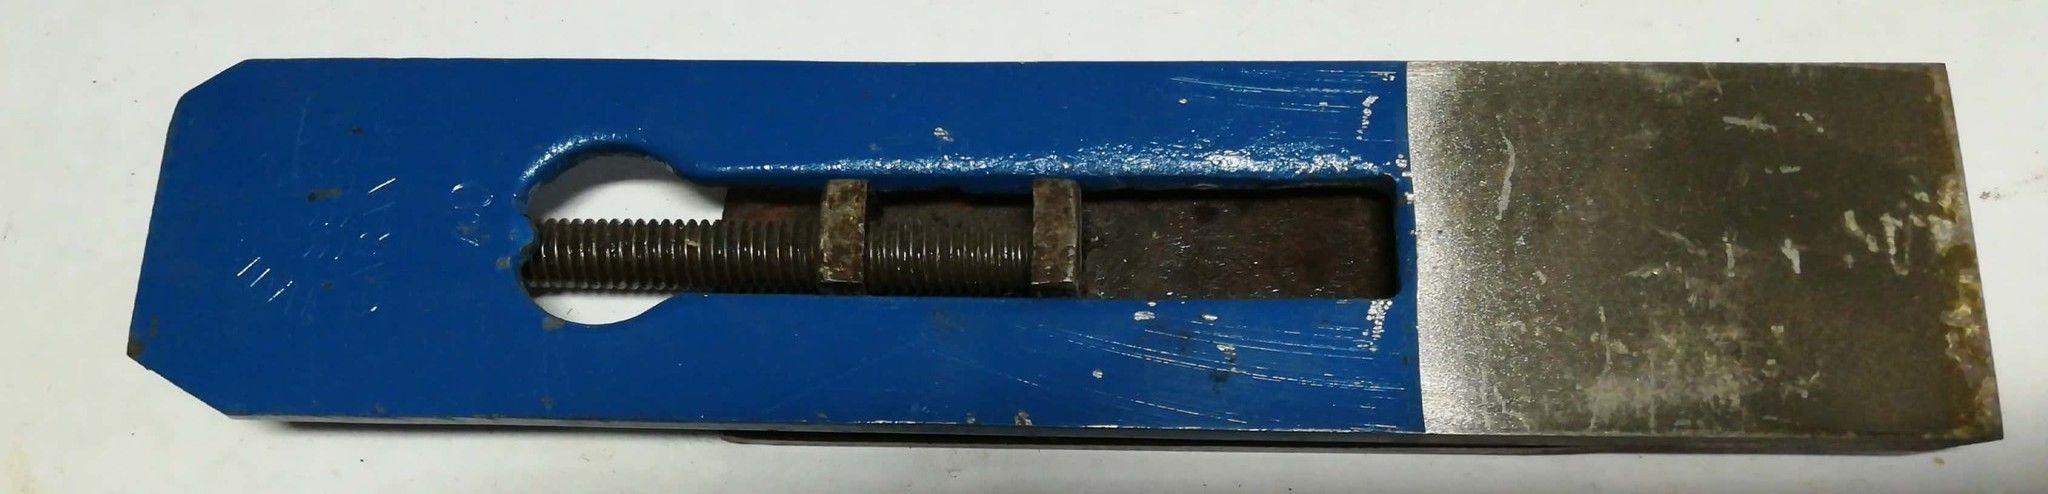 Ferro doppio per pialla forato a vite lunga mm 48